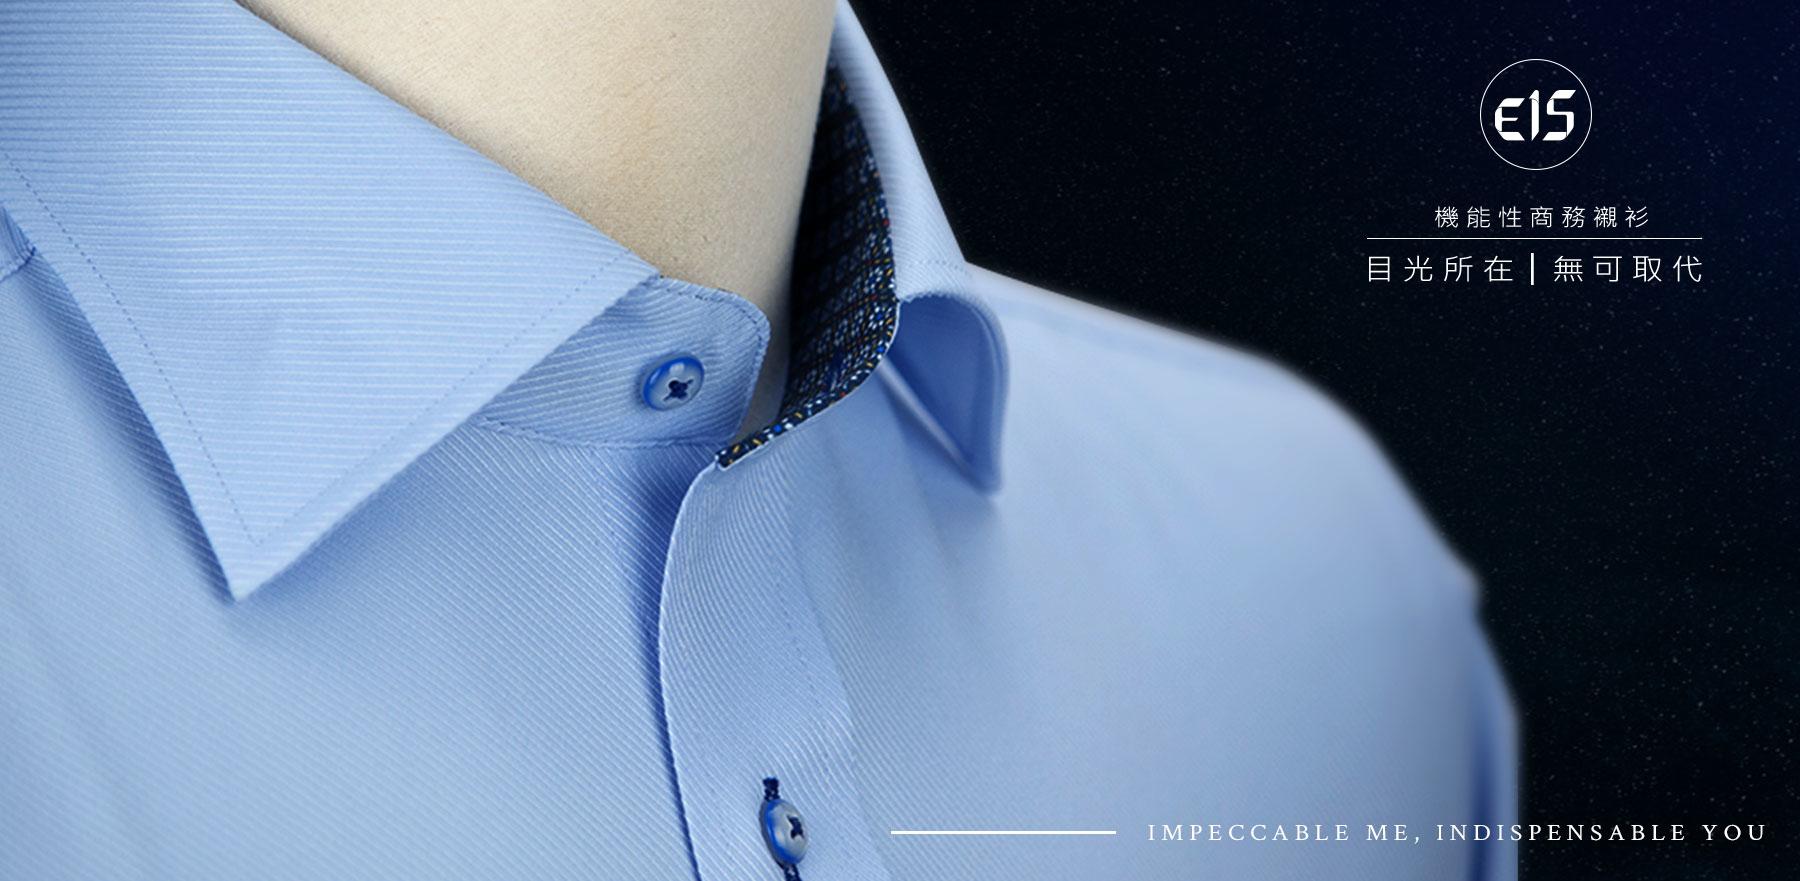 衣十五商務襯衫的品牌承諾